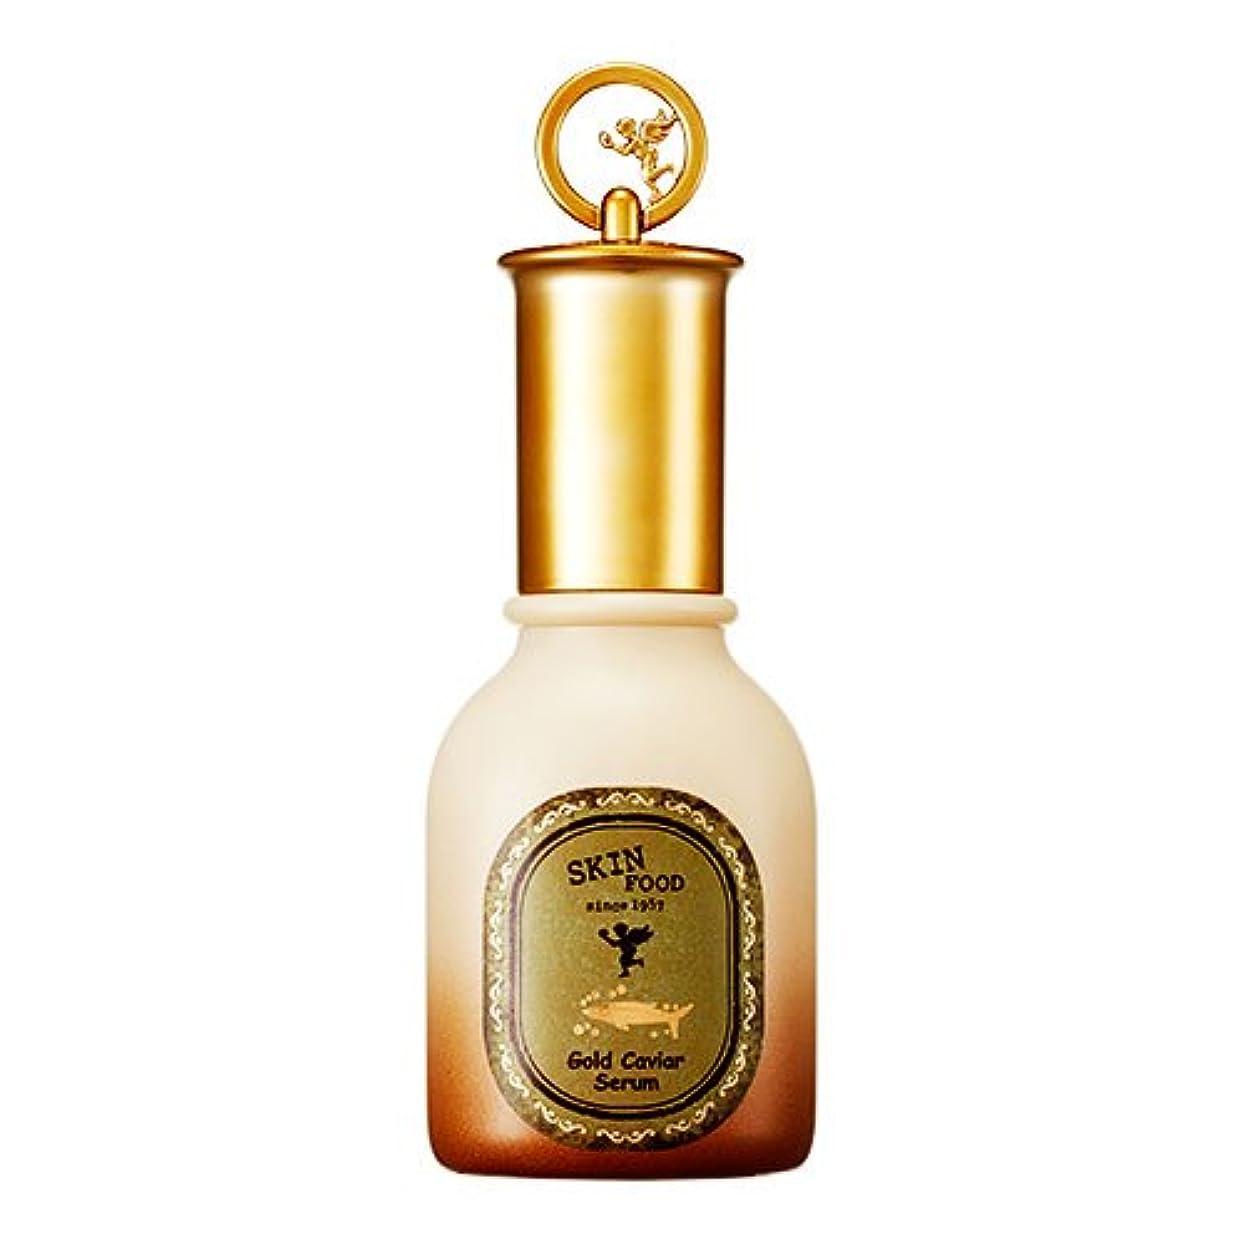 見物人証人ライターSkinfood ゴールドキャビアセラム(しわケア) / Gold Caviar Serum (wrinkle care) 45ml [並行輸入品]